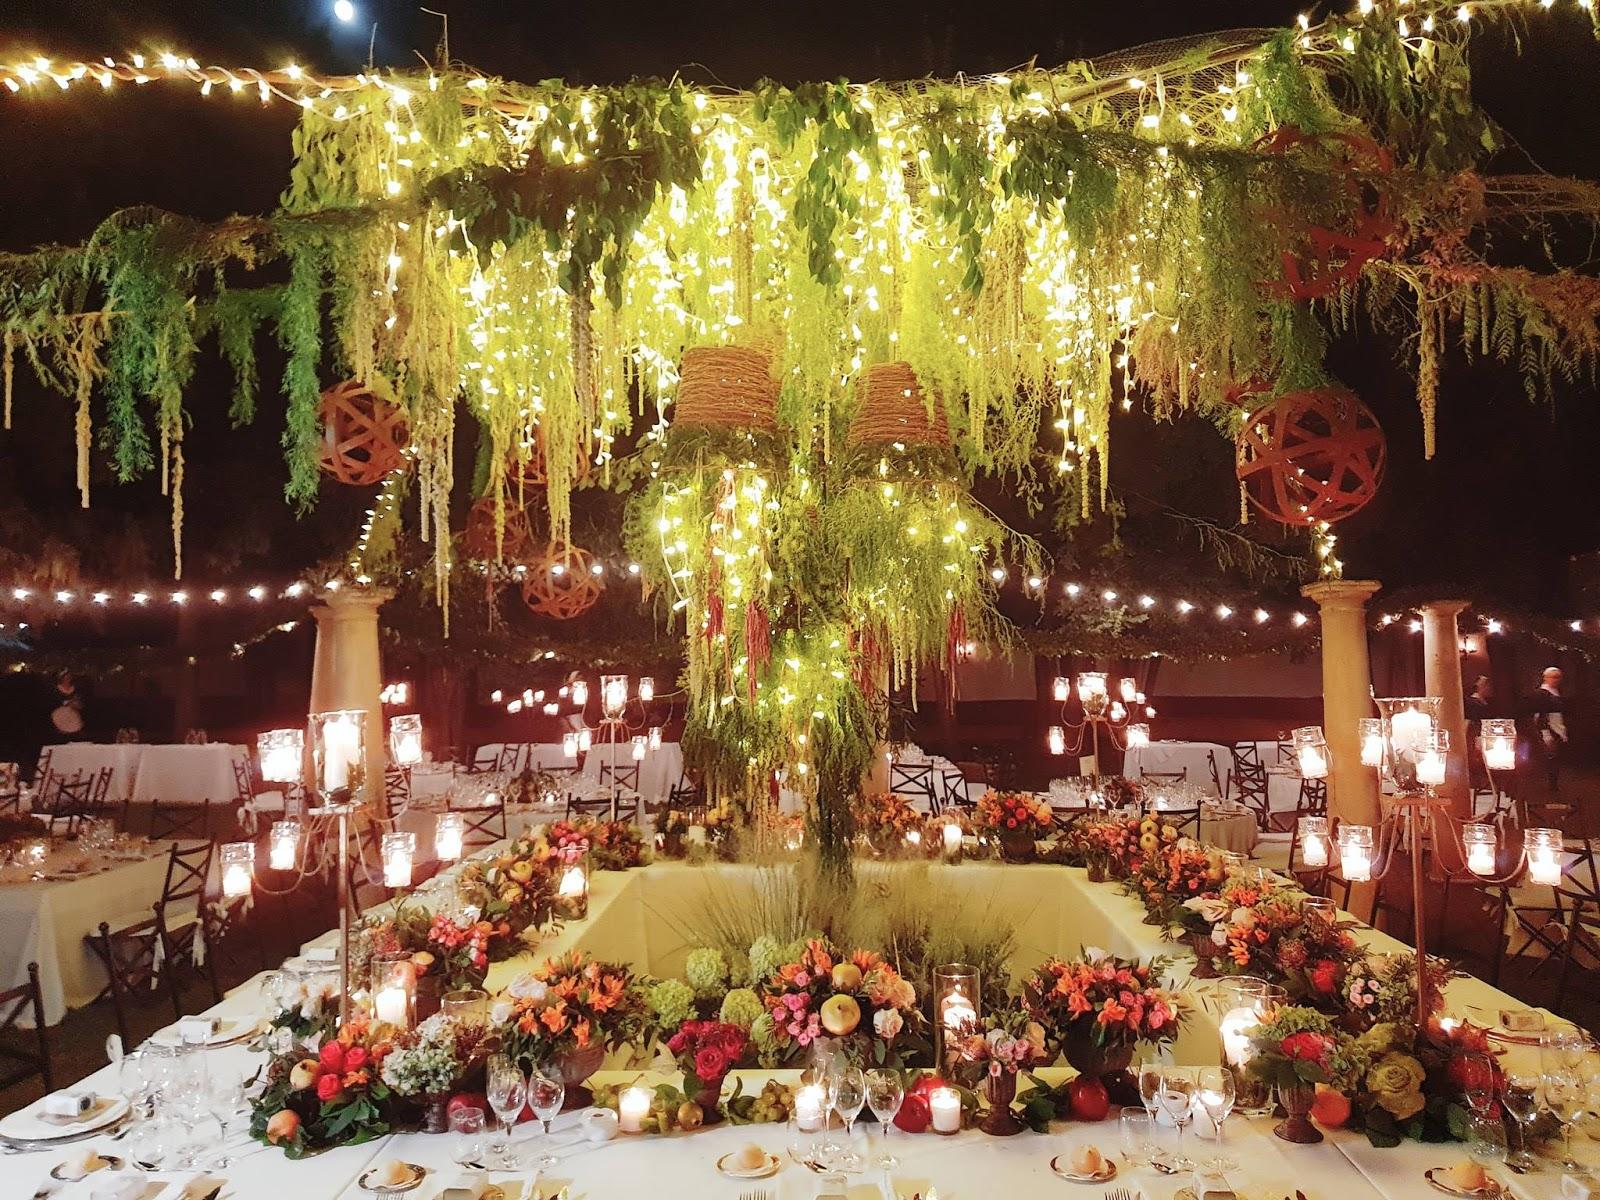 Floristería en Sevilla. Ramos de Novia y decoración floral para bodas.